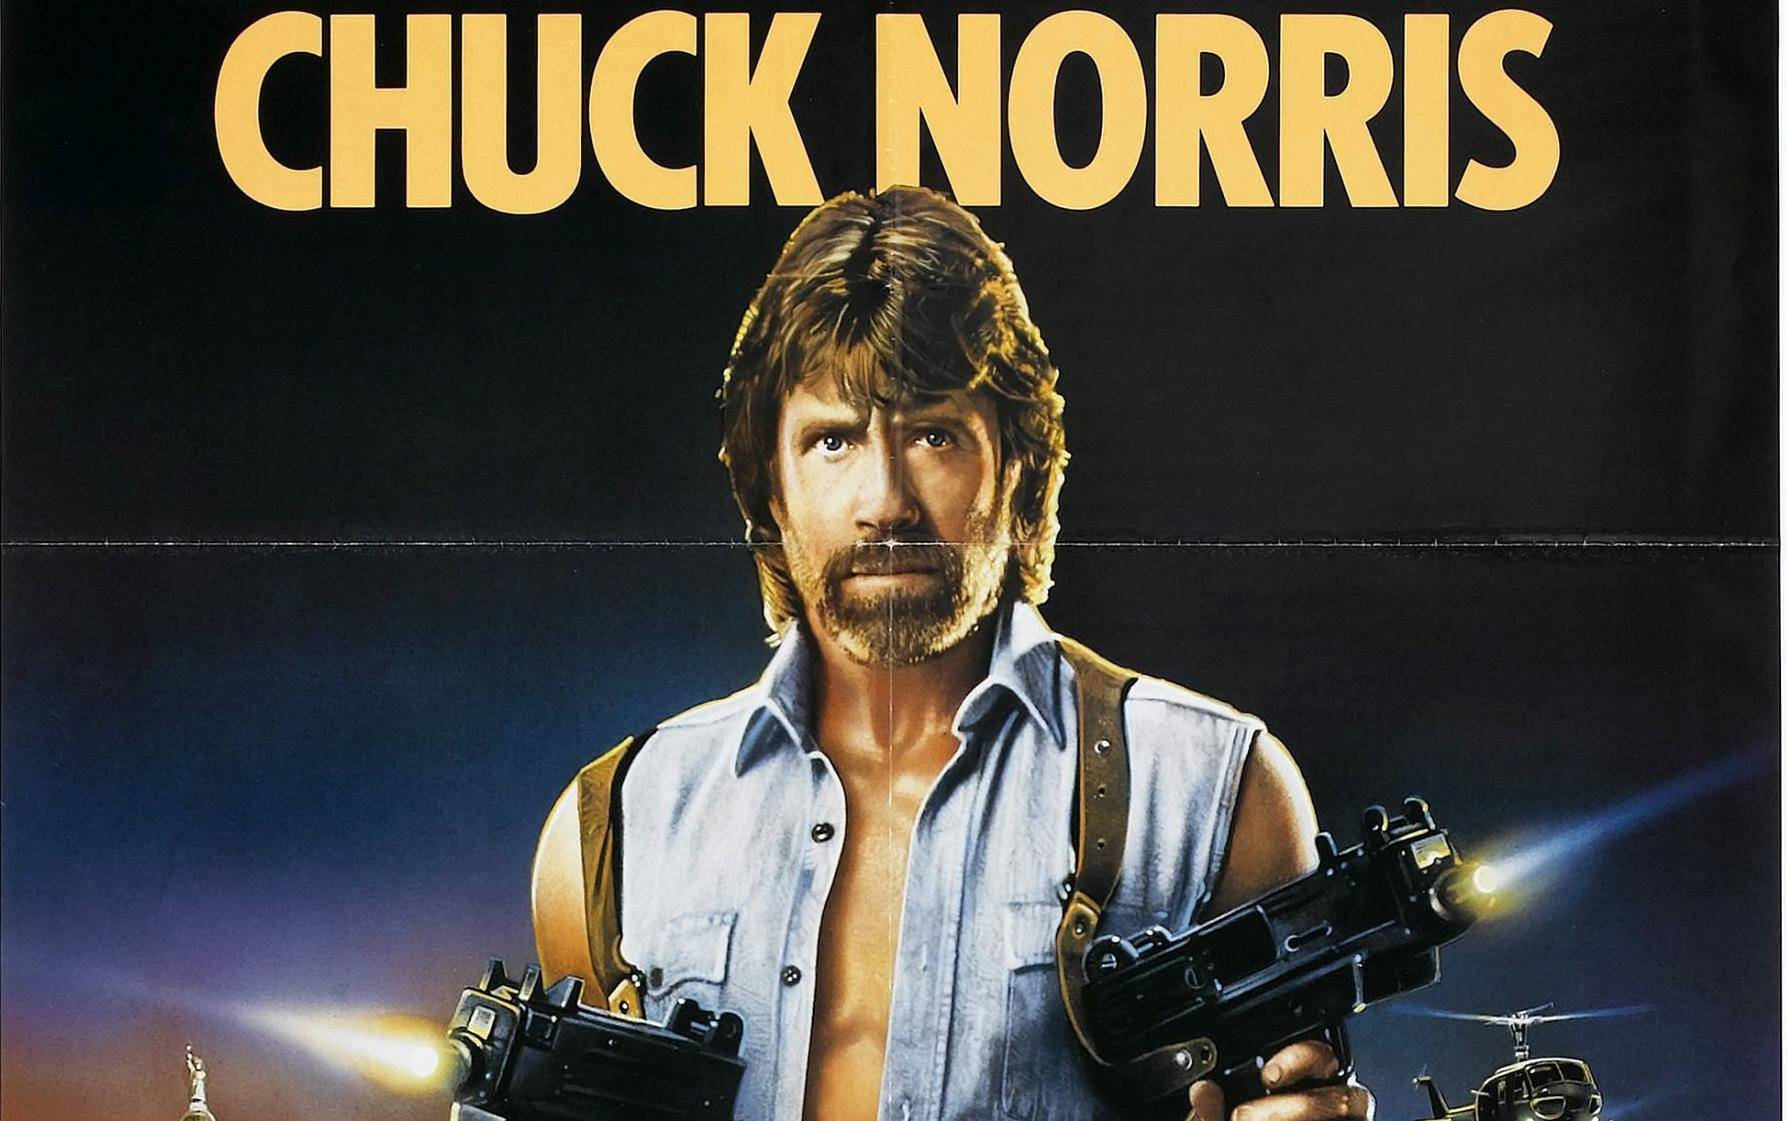 Slavljenik Chuck Norris rodio je sam sebe prije 78 godina